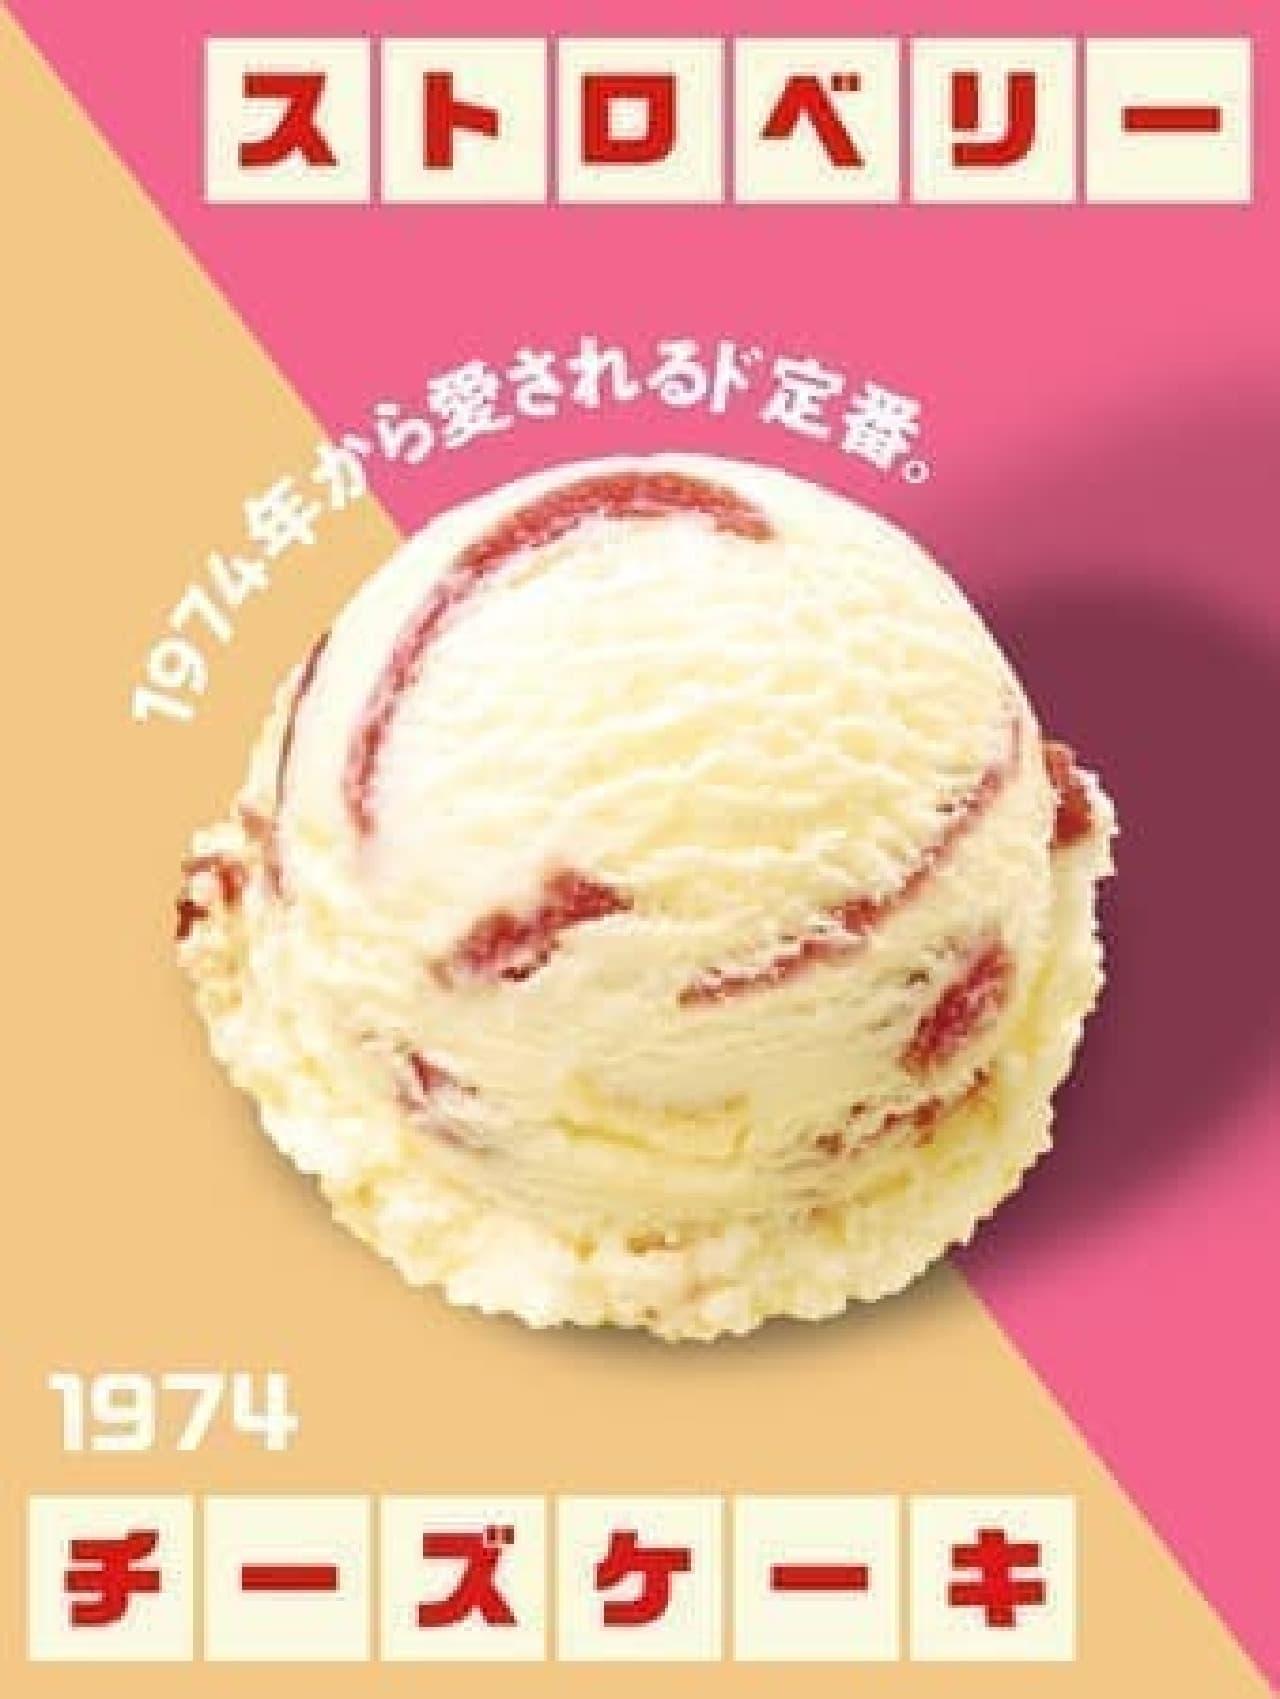 サーティワン アイスクリーム「ストロベリーチーズケーキ」